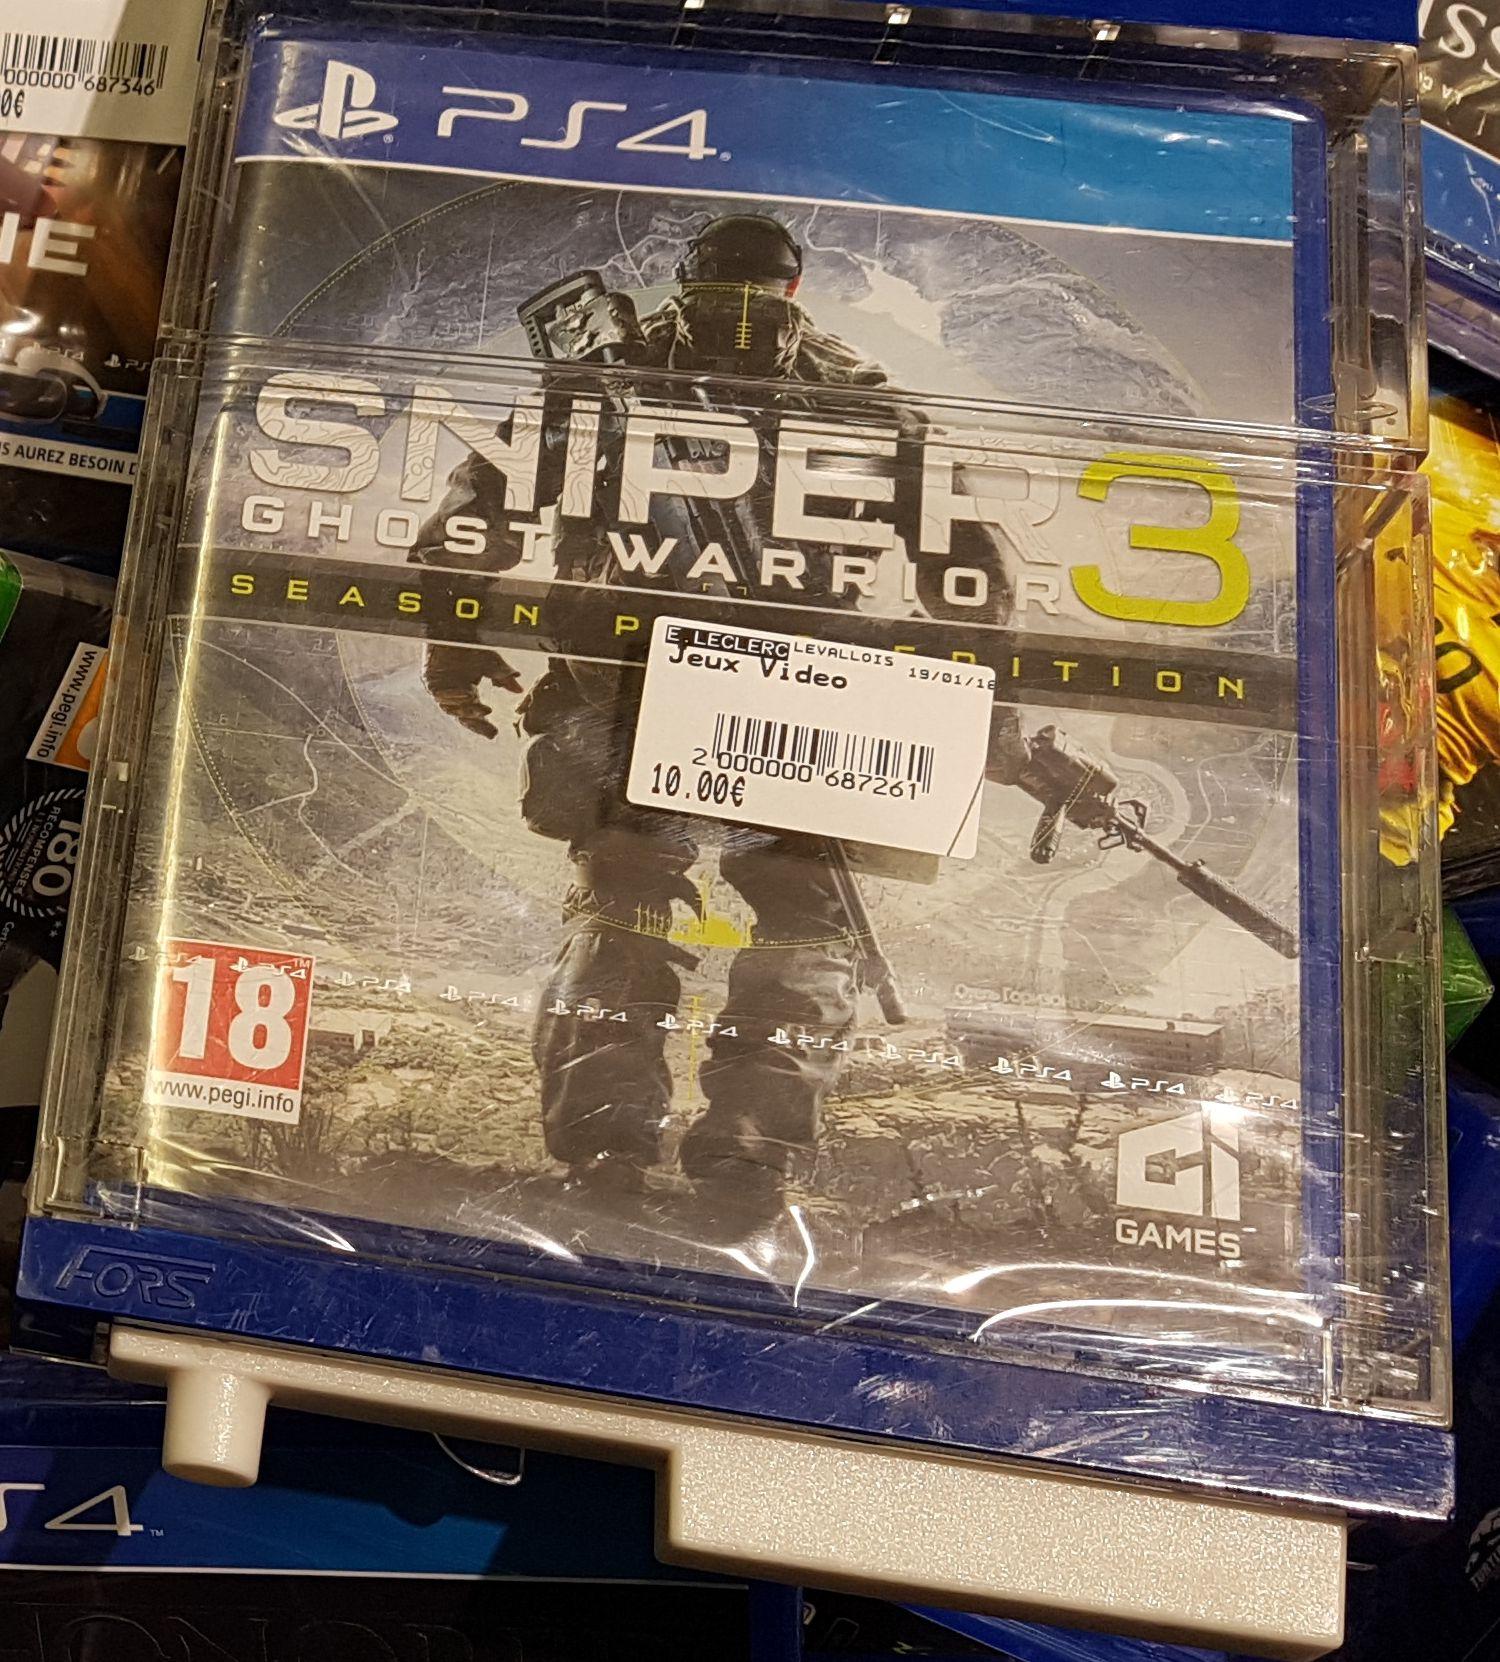 Sélection de jeux en promotion - Ex: Sniper Ghost Warrior 3 Season Pass Edition sur PS4 - Levallois-Perret (92)